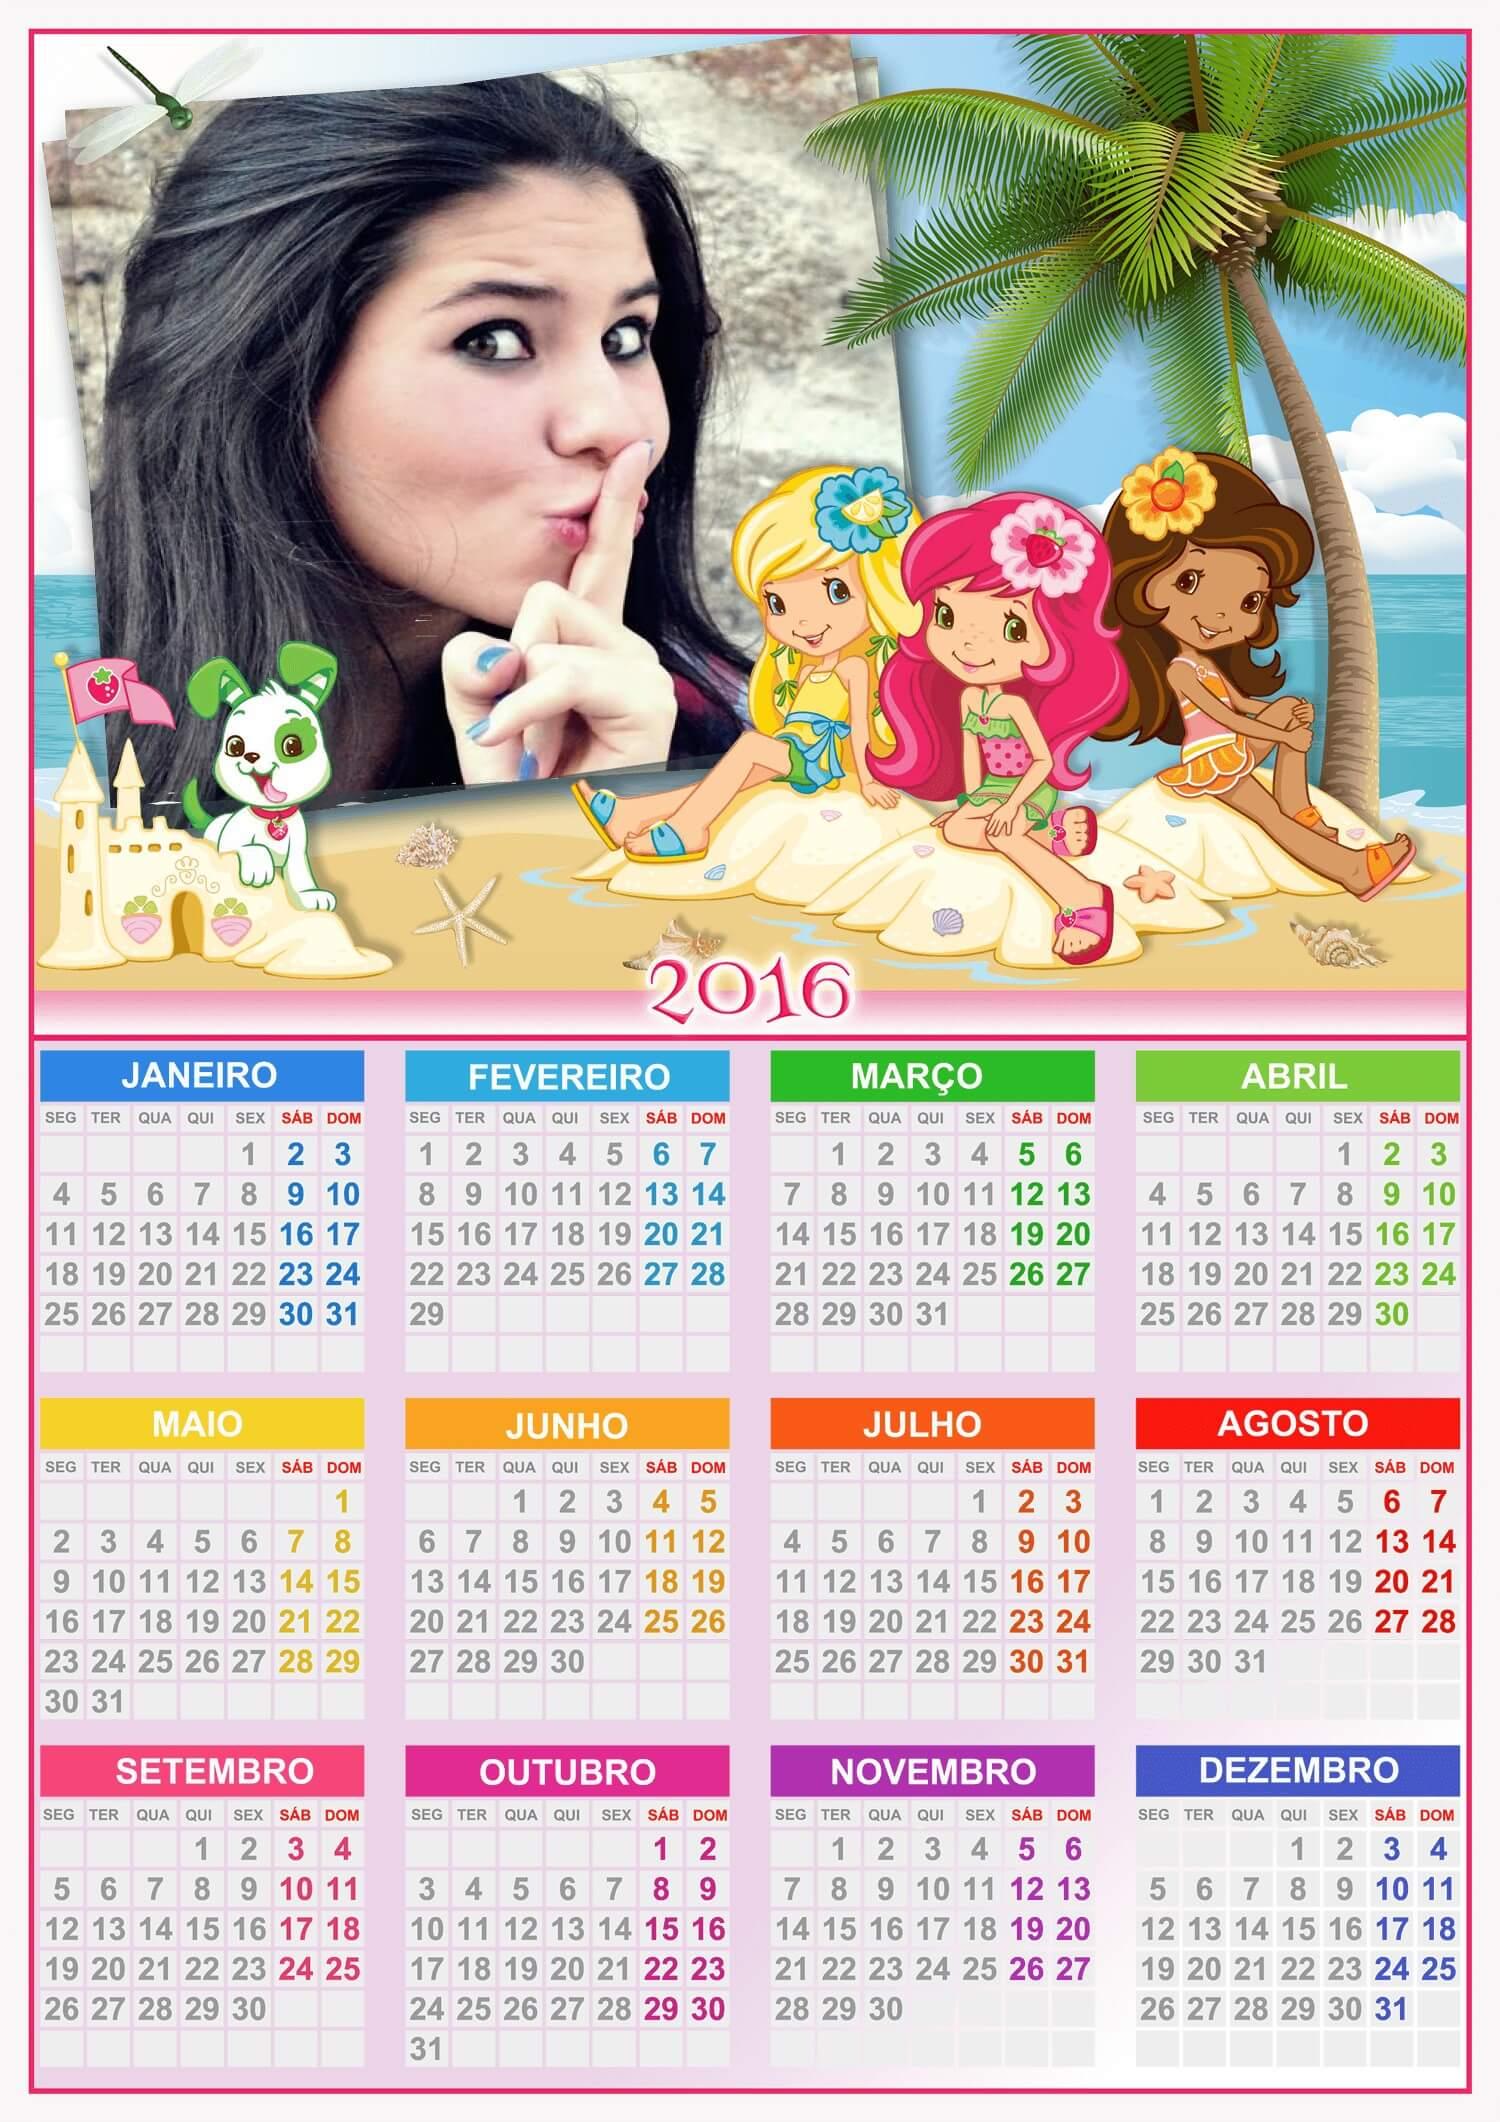 moldura-digital-de-calendario-2016-com-moranguinho-na-praia